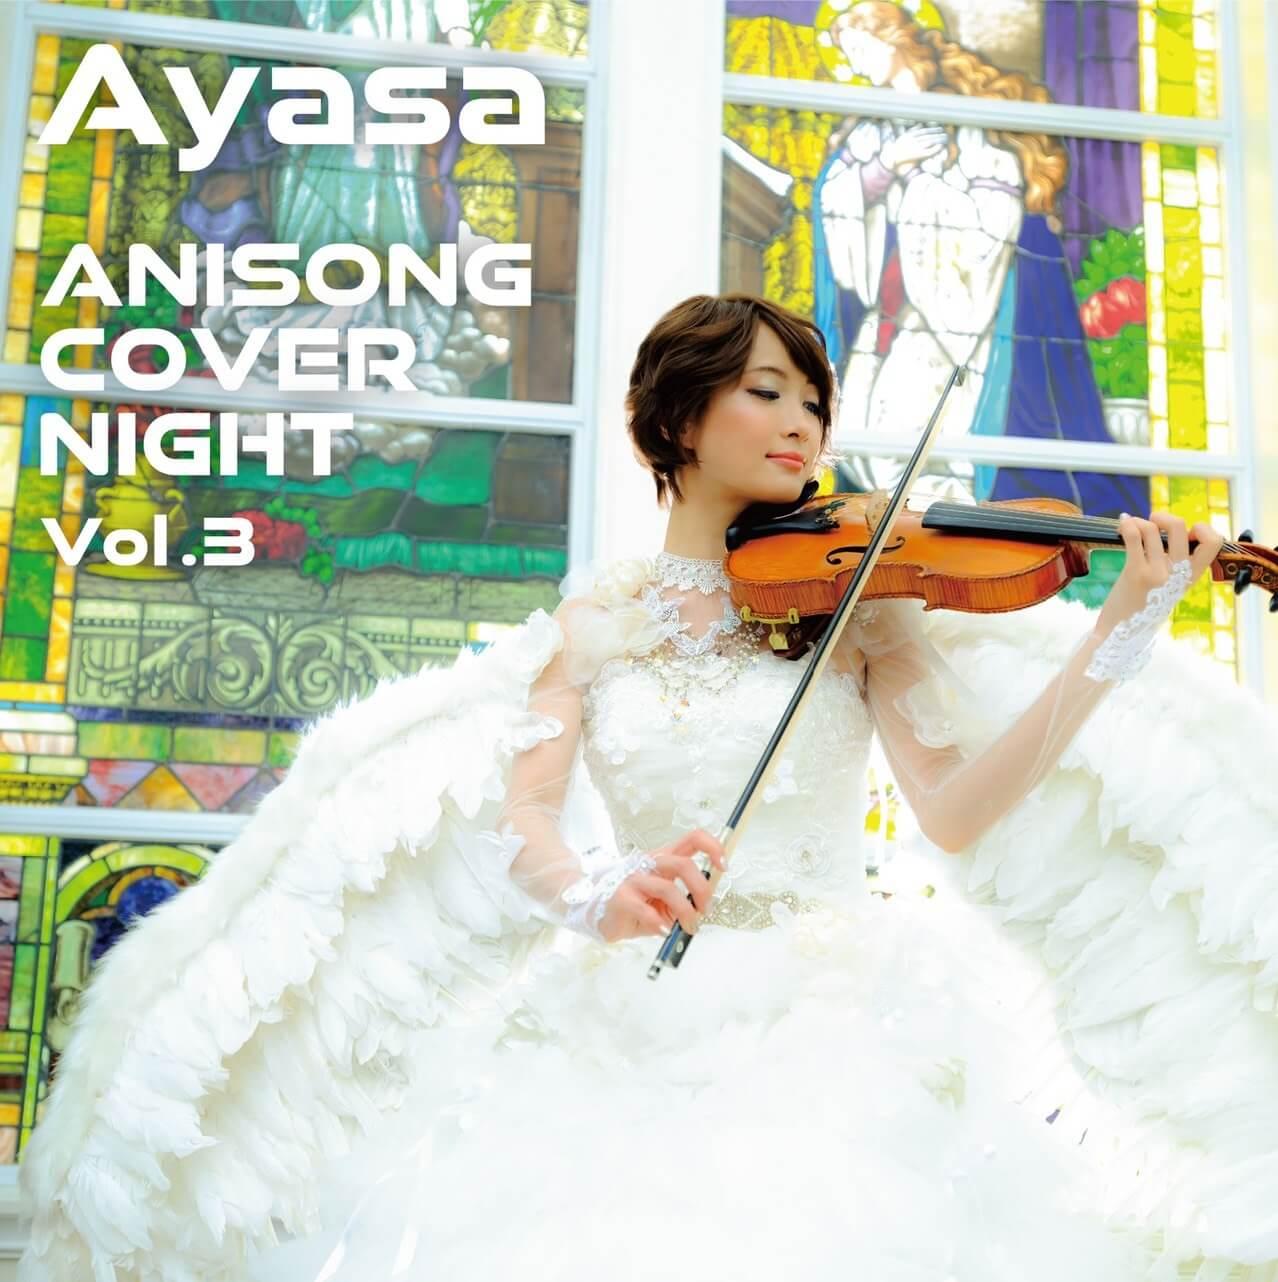 ヴァイオリニストAyasa、7月1日『ANISONG COVER NIGHT Vol.3』配信リリースサムネイル画像!